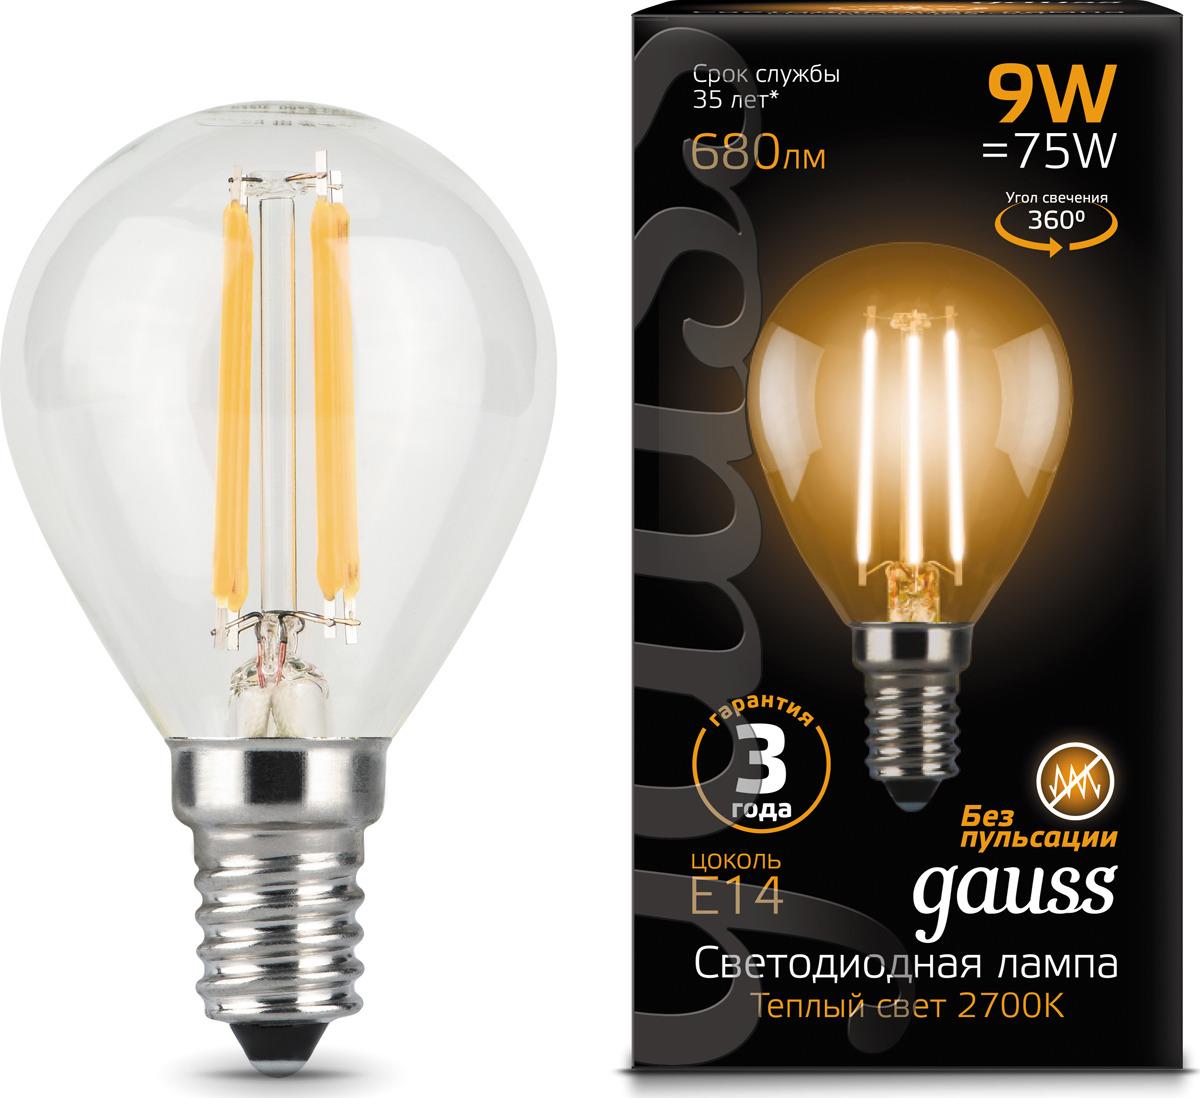 Лампочка Gauss Black Filament LED, шар, E14, 9W. 105801109105801109Светодиодная лампа Gauss - самый безопасный для здоровья и окружающей среды источник света. Она не пульсирует, мгновенно включается, не содержит ртути, и имеет больший срок службы, чем лампы накаливания и КЛЛ. Более того, светодиодная лампа Gauss не зависит ни от скачков напряжения в сети, ни от температуры окружающей среды (выдает максимальный световой поток в диапазоне от -20 до +50С),